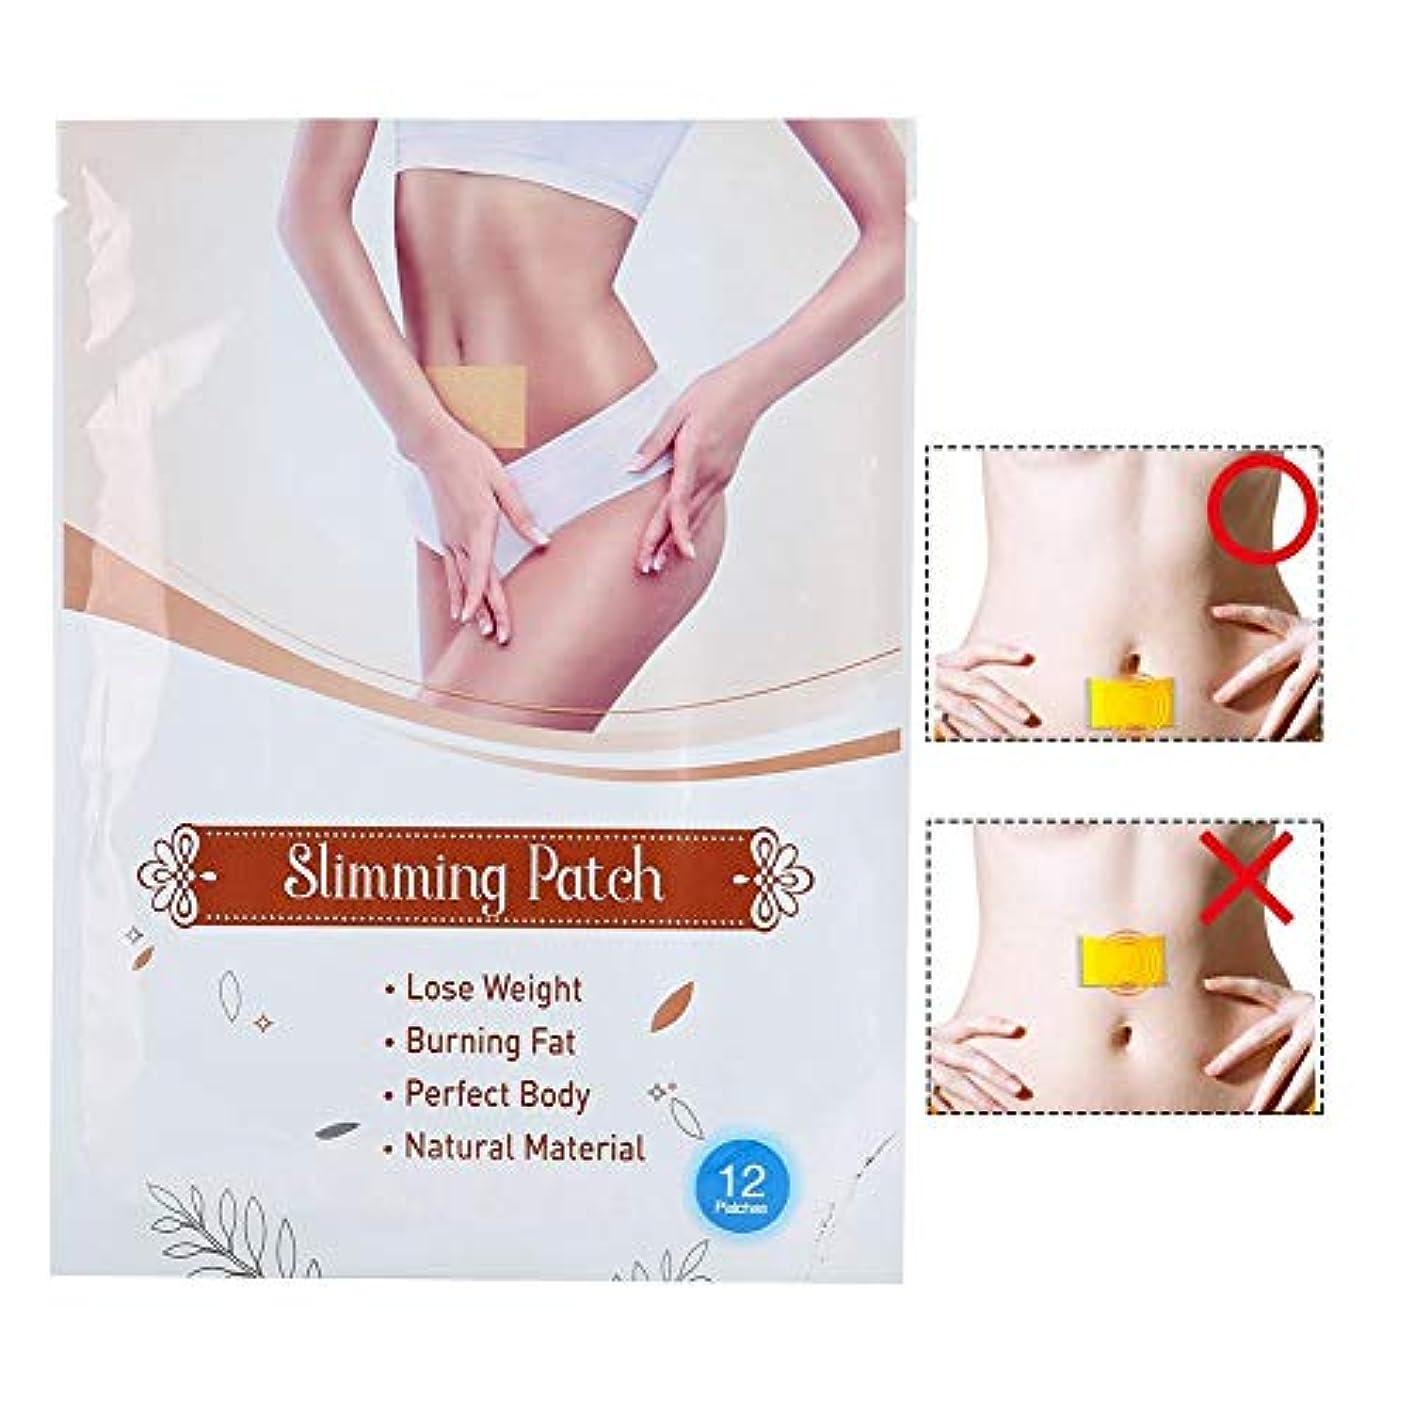 ロック解除配分一般的に12PCS痩身ステッカー - 体脂肪バーナー - 減量デトックス、スリムパッチ - 男性と女性用